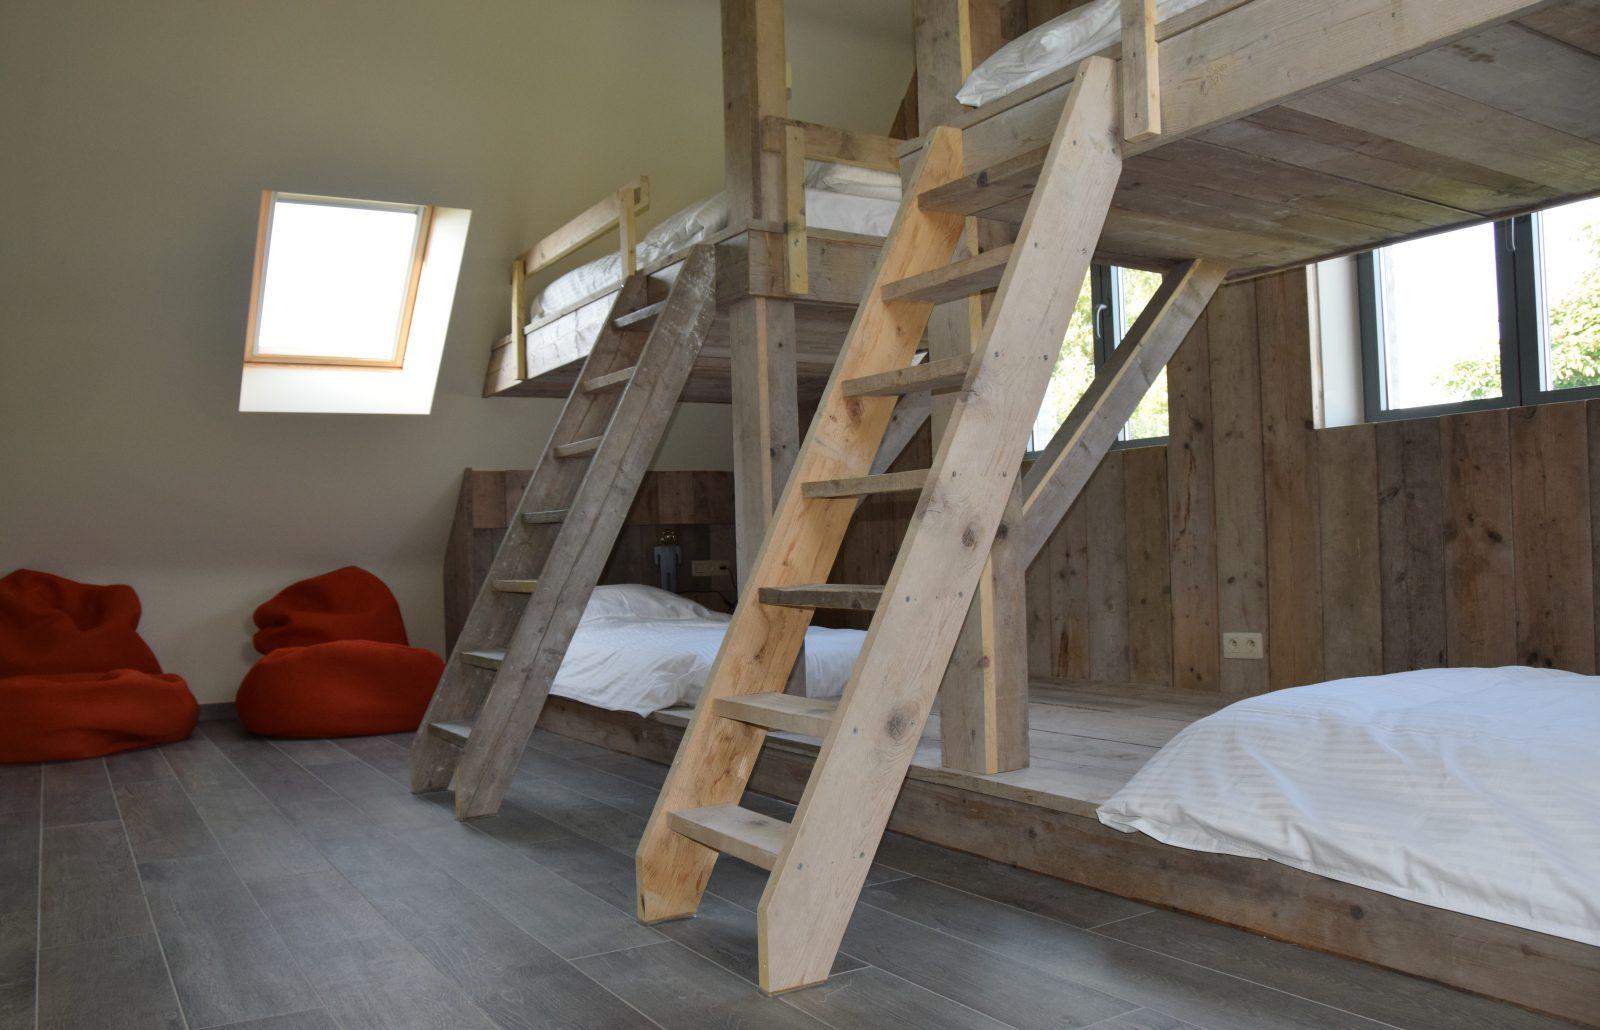 Kinderkamer met 4 slaapplaatsen